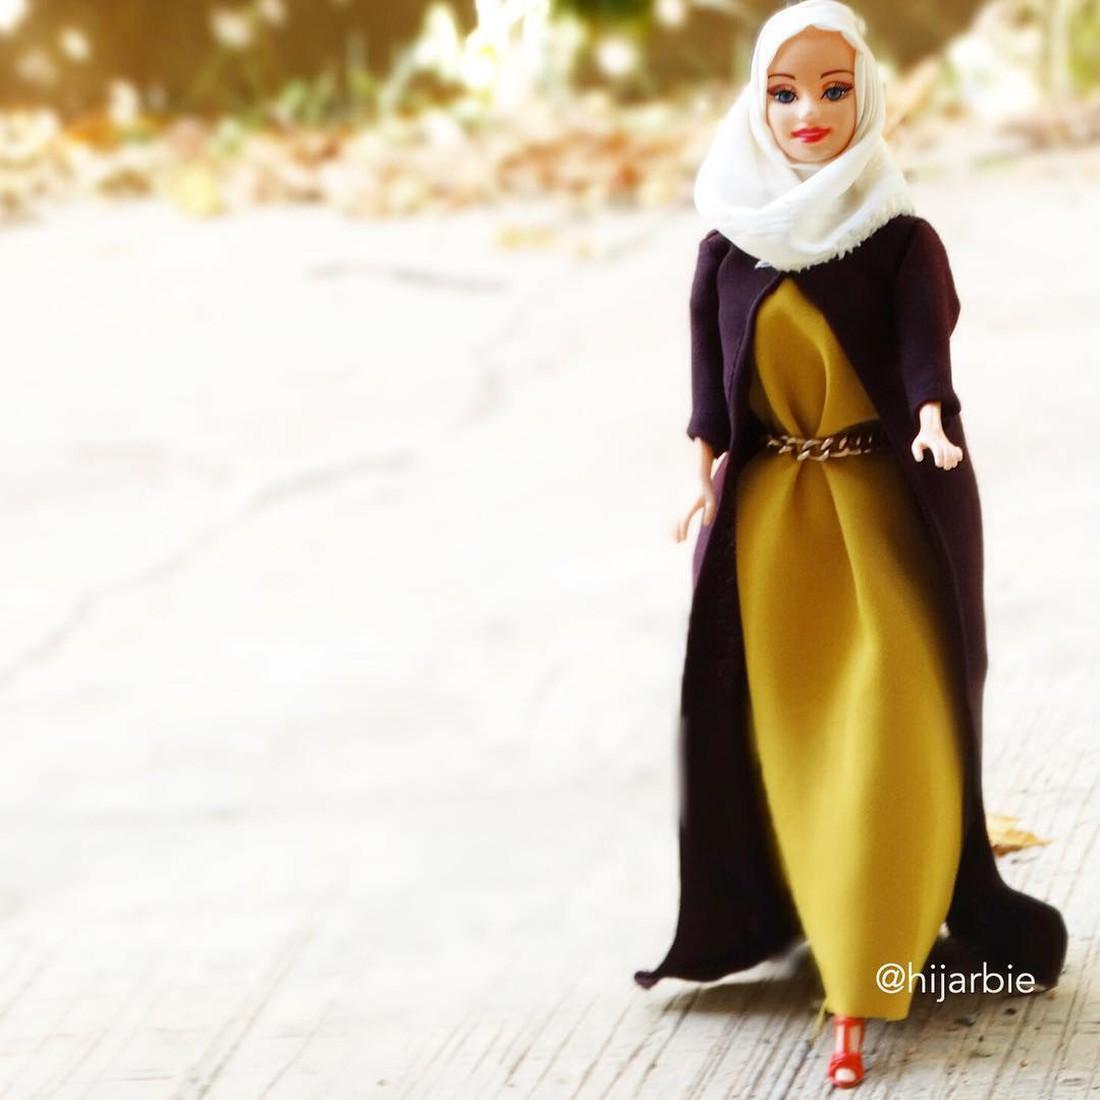 Хиджаб фото девушек красивых в полный рост